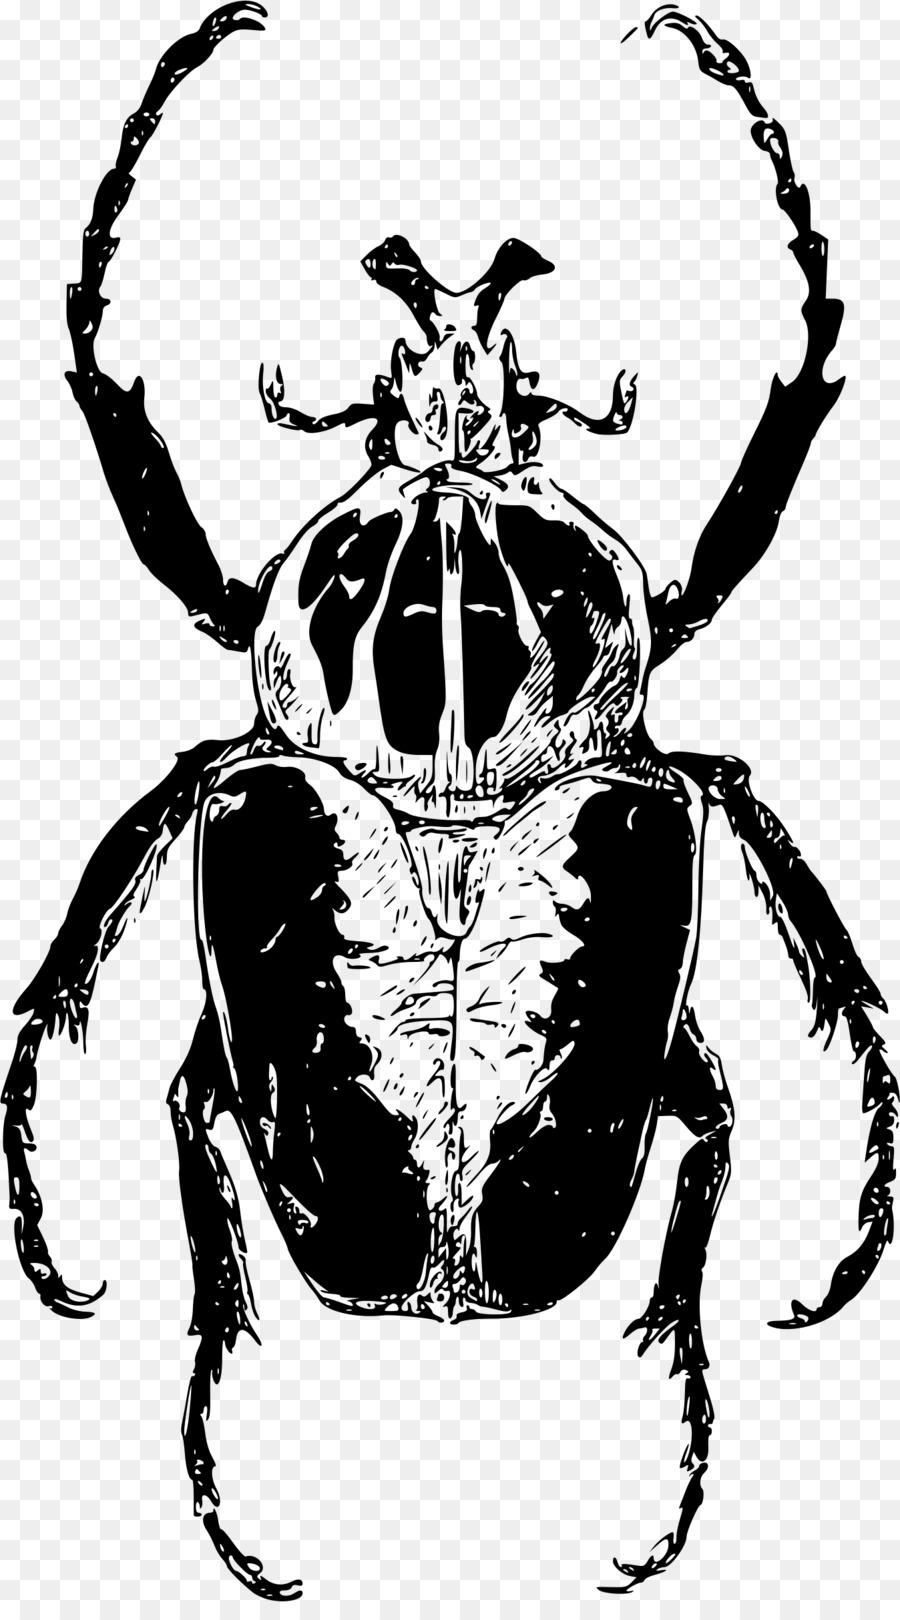 Atlas beetle Goliathus Clip art - beetle png download - 1348*2400 ...